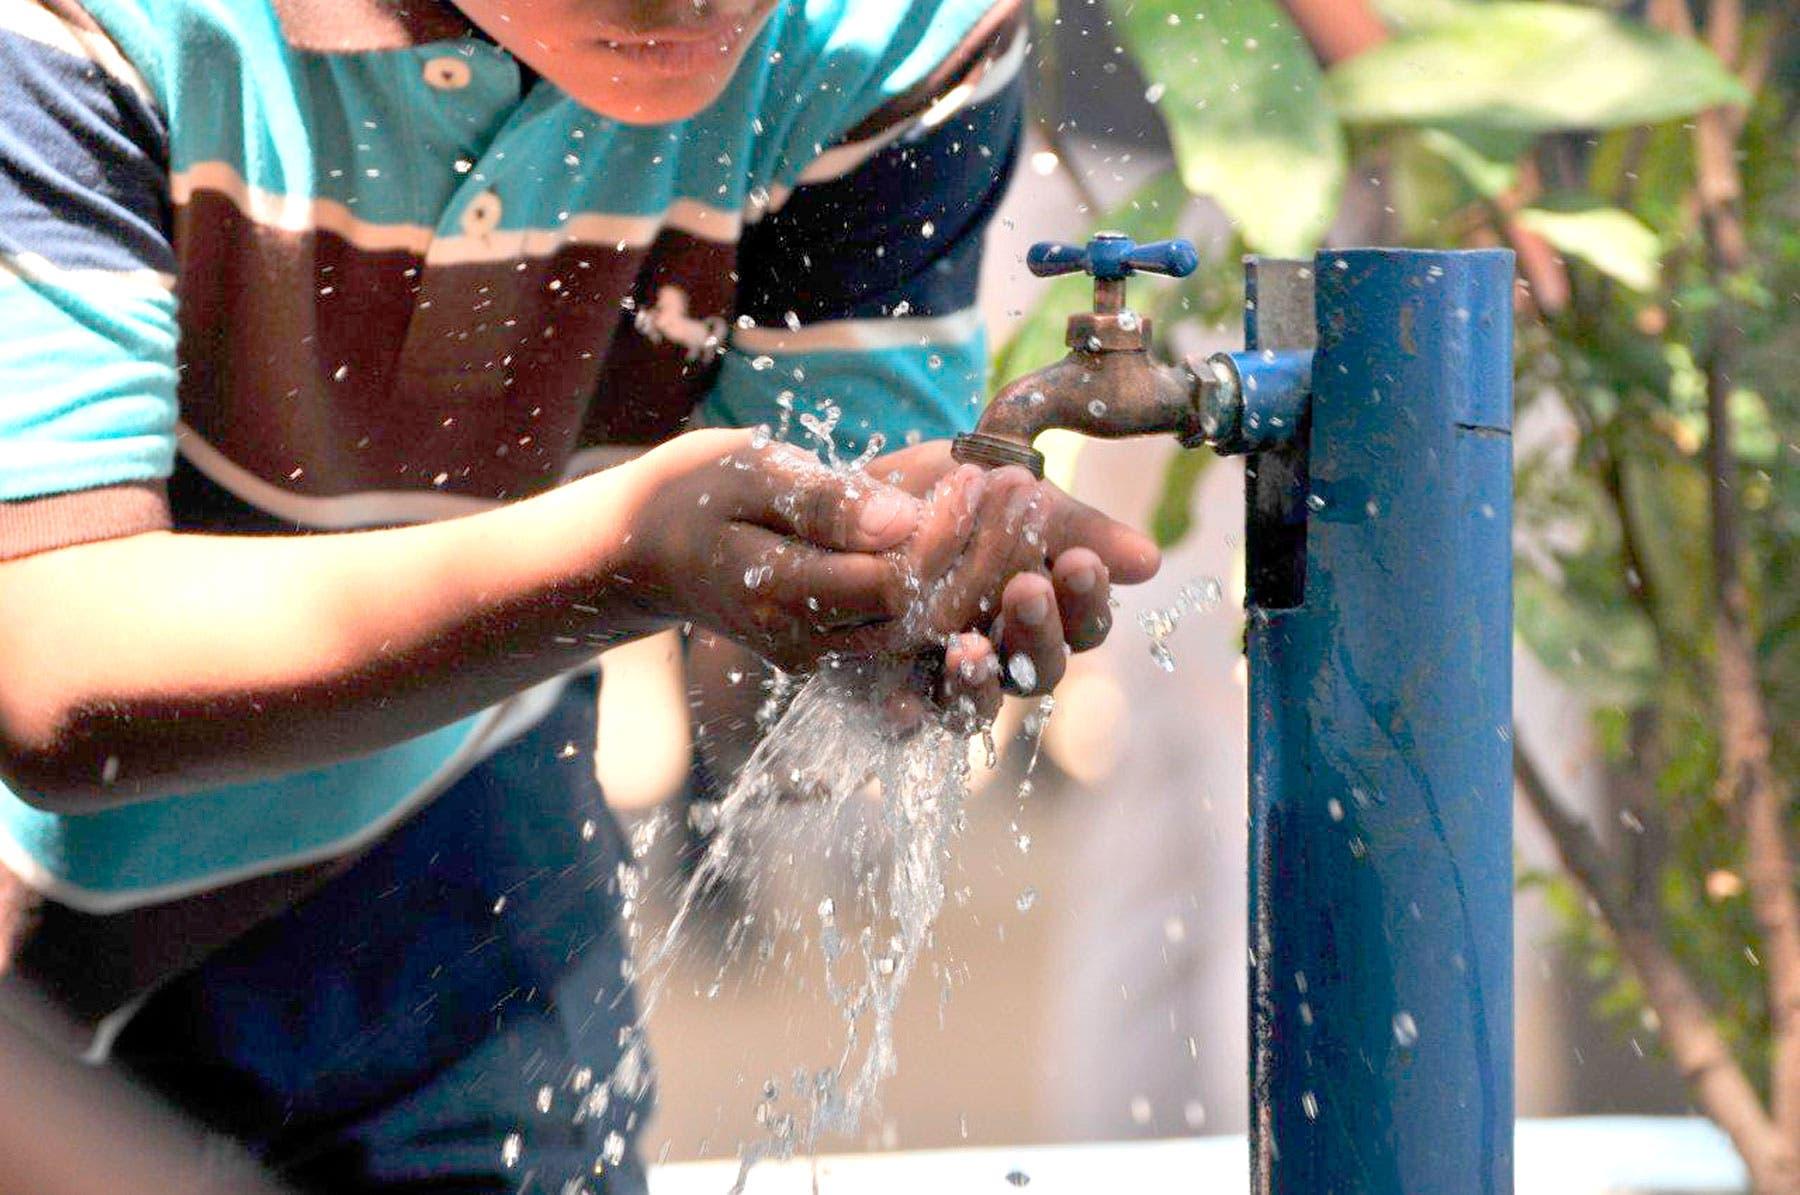 emergencias-transporte-agua-potable